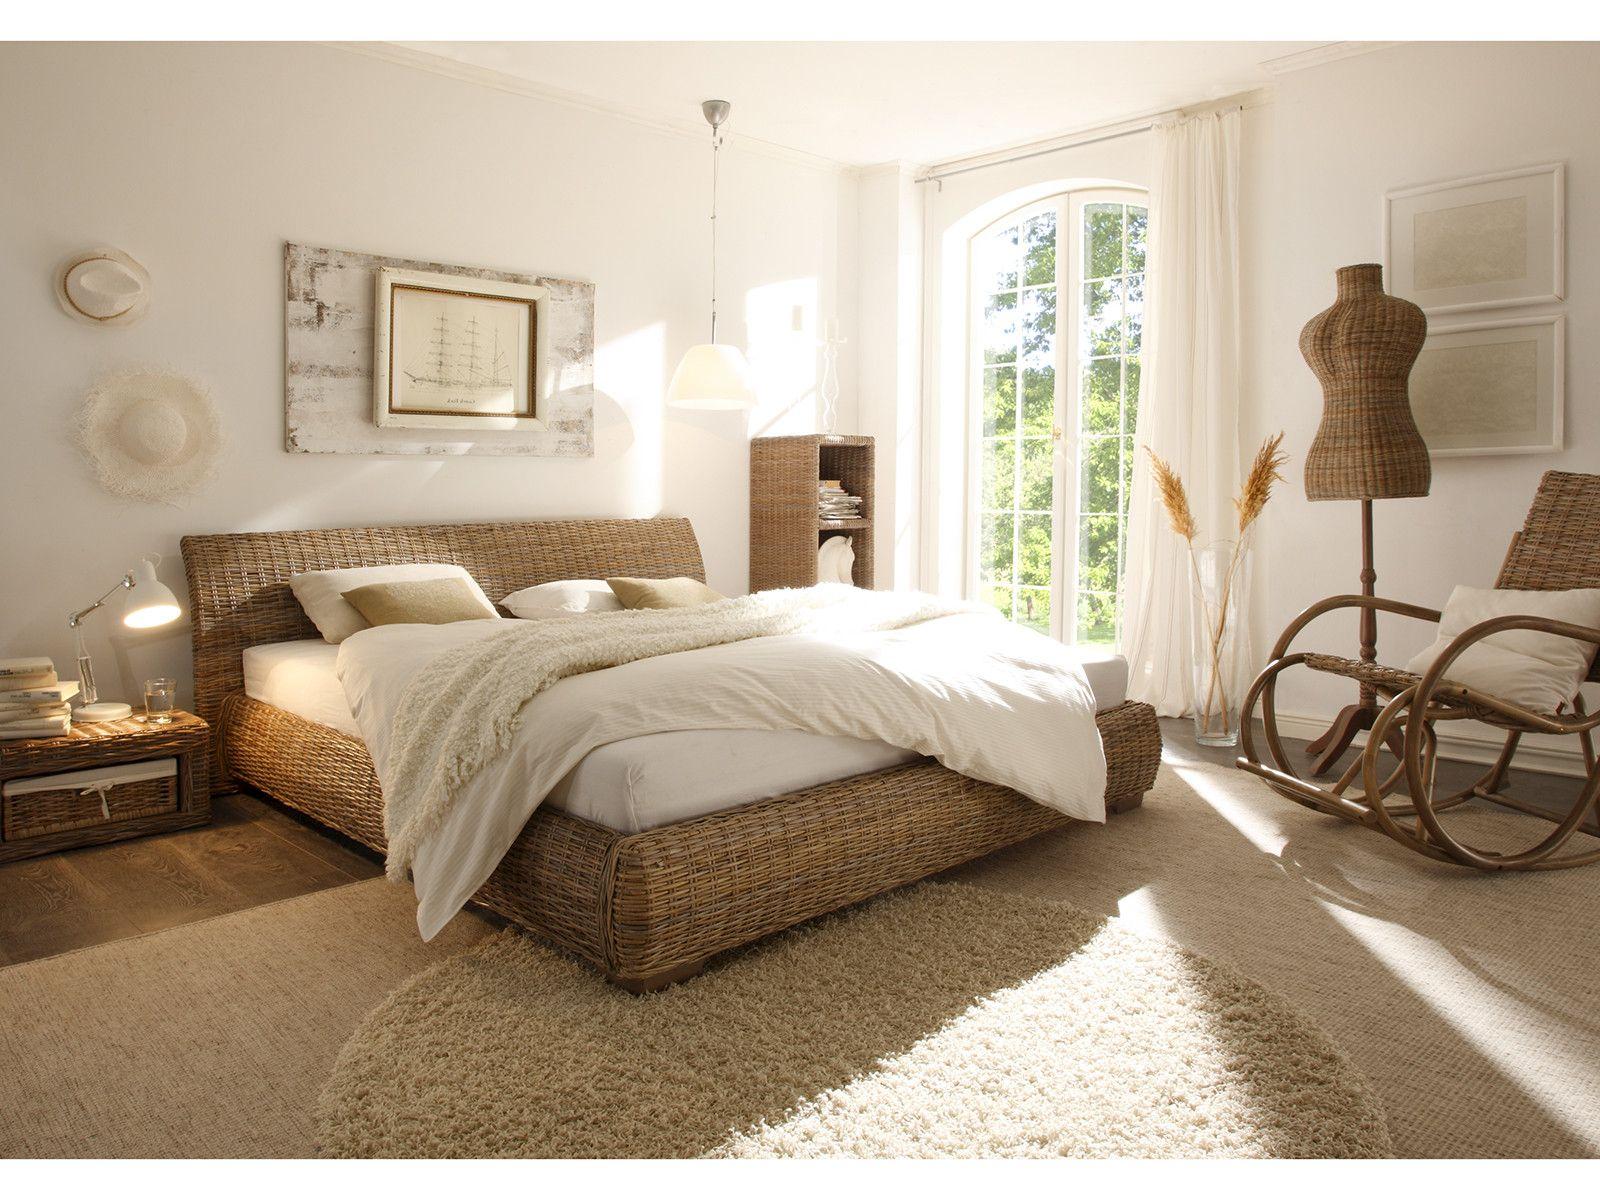 de nombreux lits et meubles pour votre chambre coucher en rotin koboo ou feuilles de. Black Bedroom Furniture Sets. Home Design Ideas